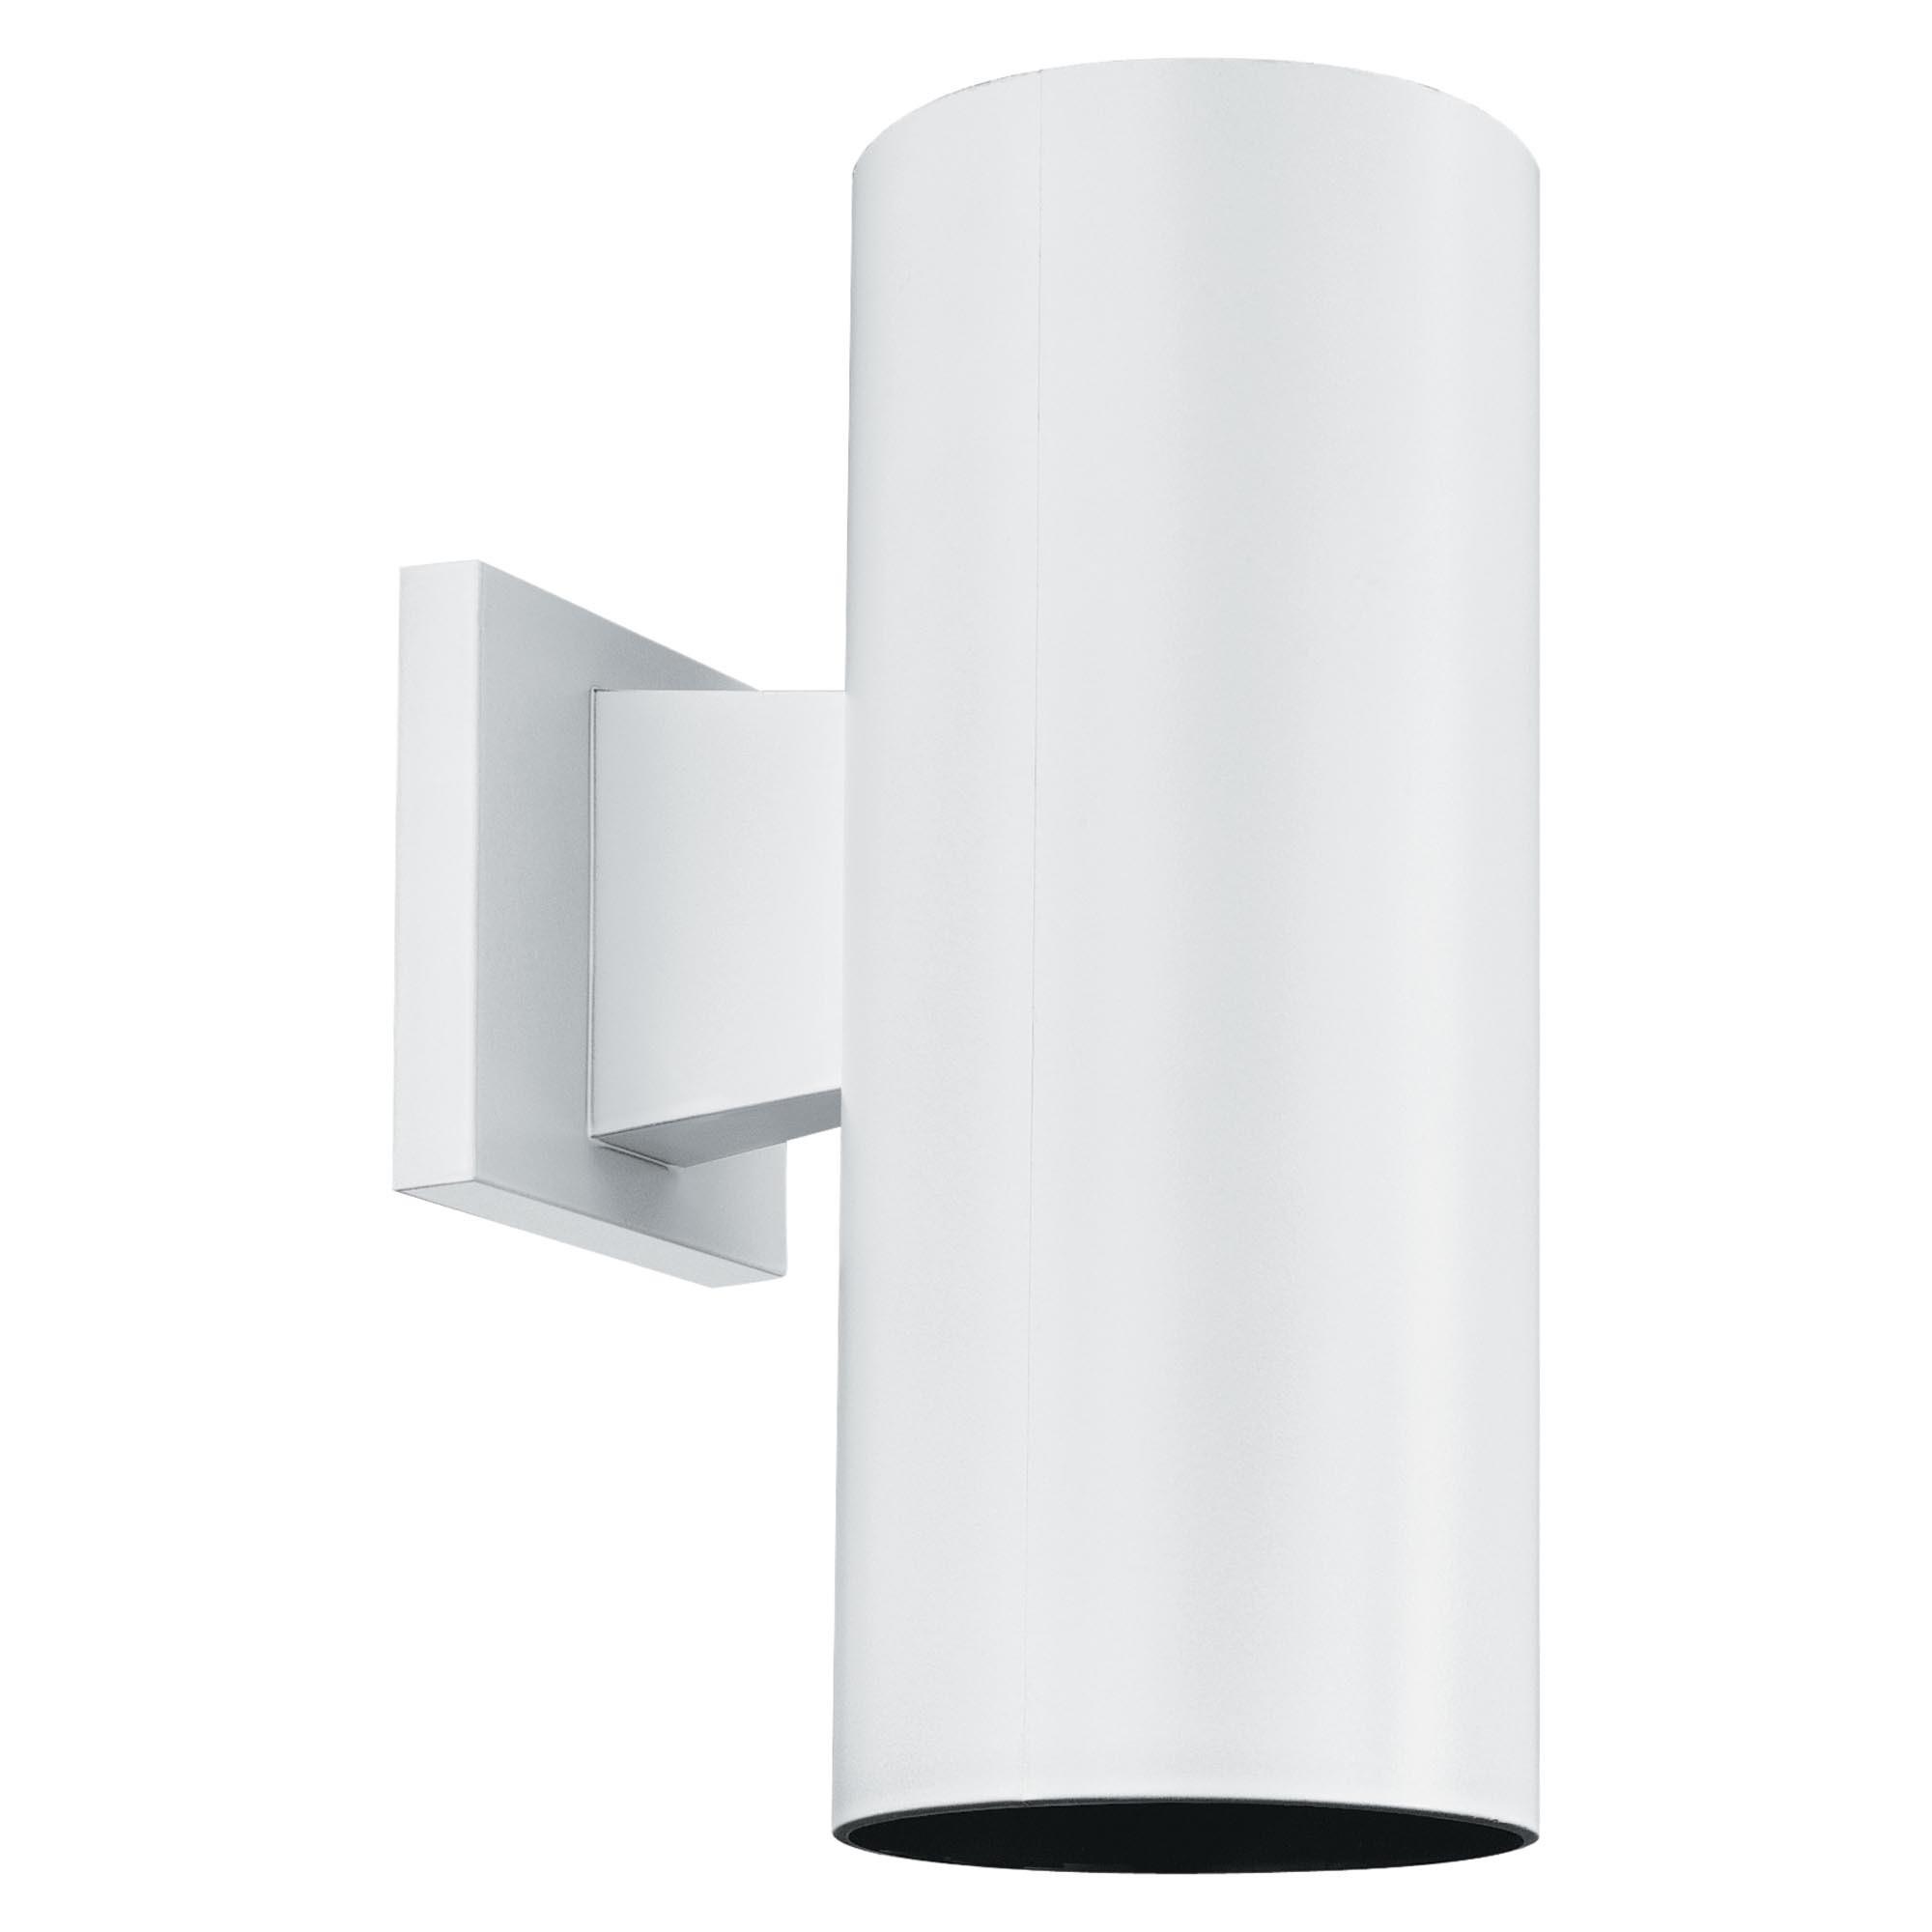 White Plastic Outdoor Light Fixtures • Outdoor Lighting In Plastic Outdoor Wall Lighting (View 9 of 15)